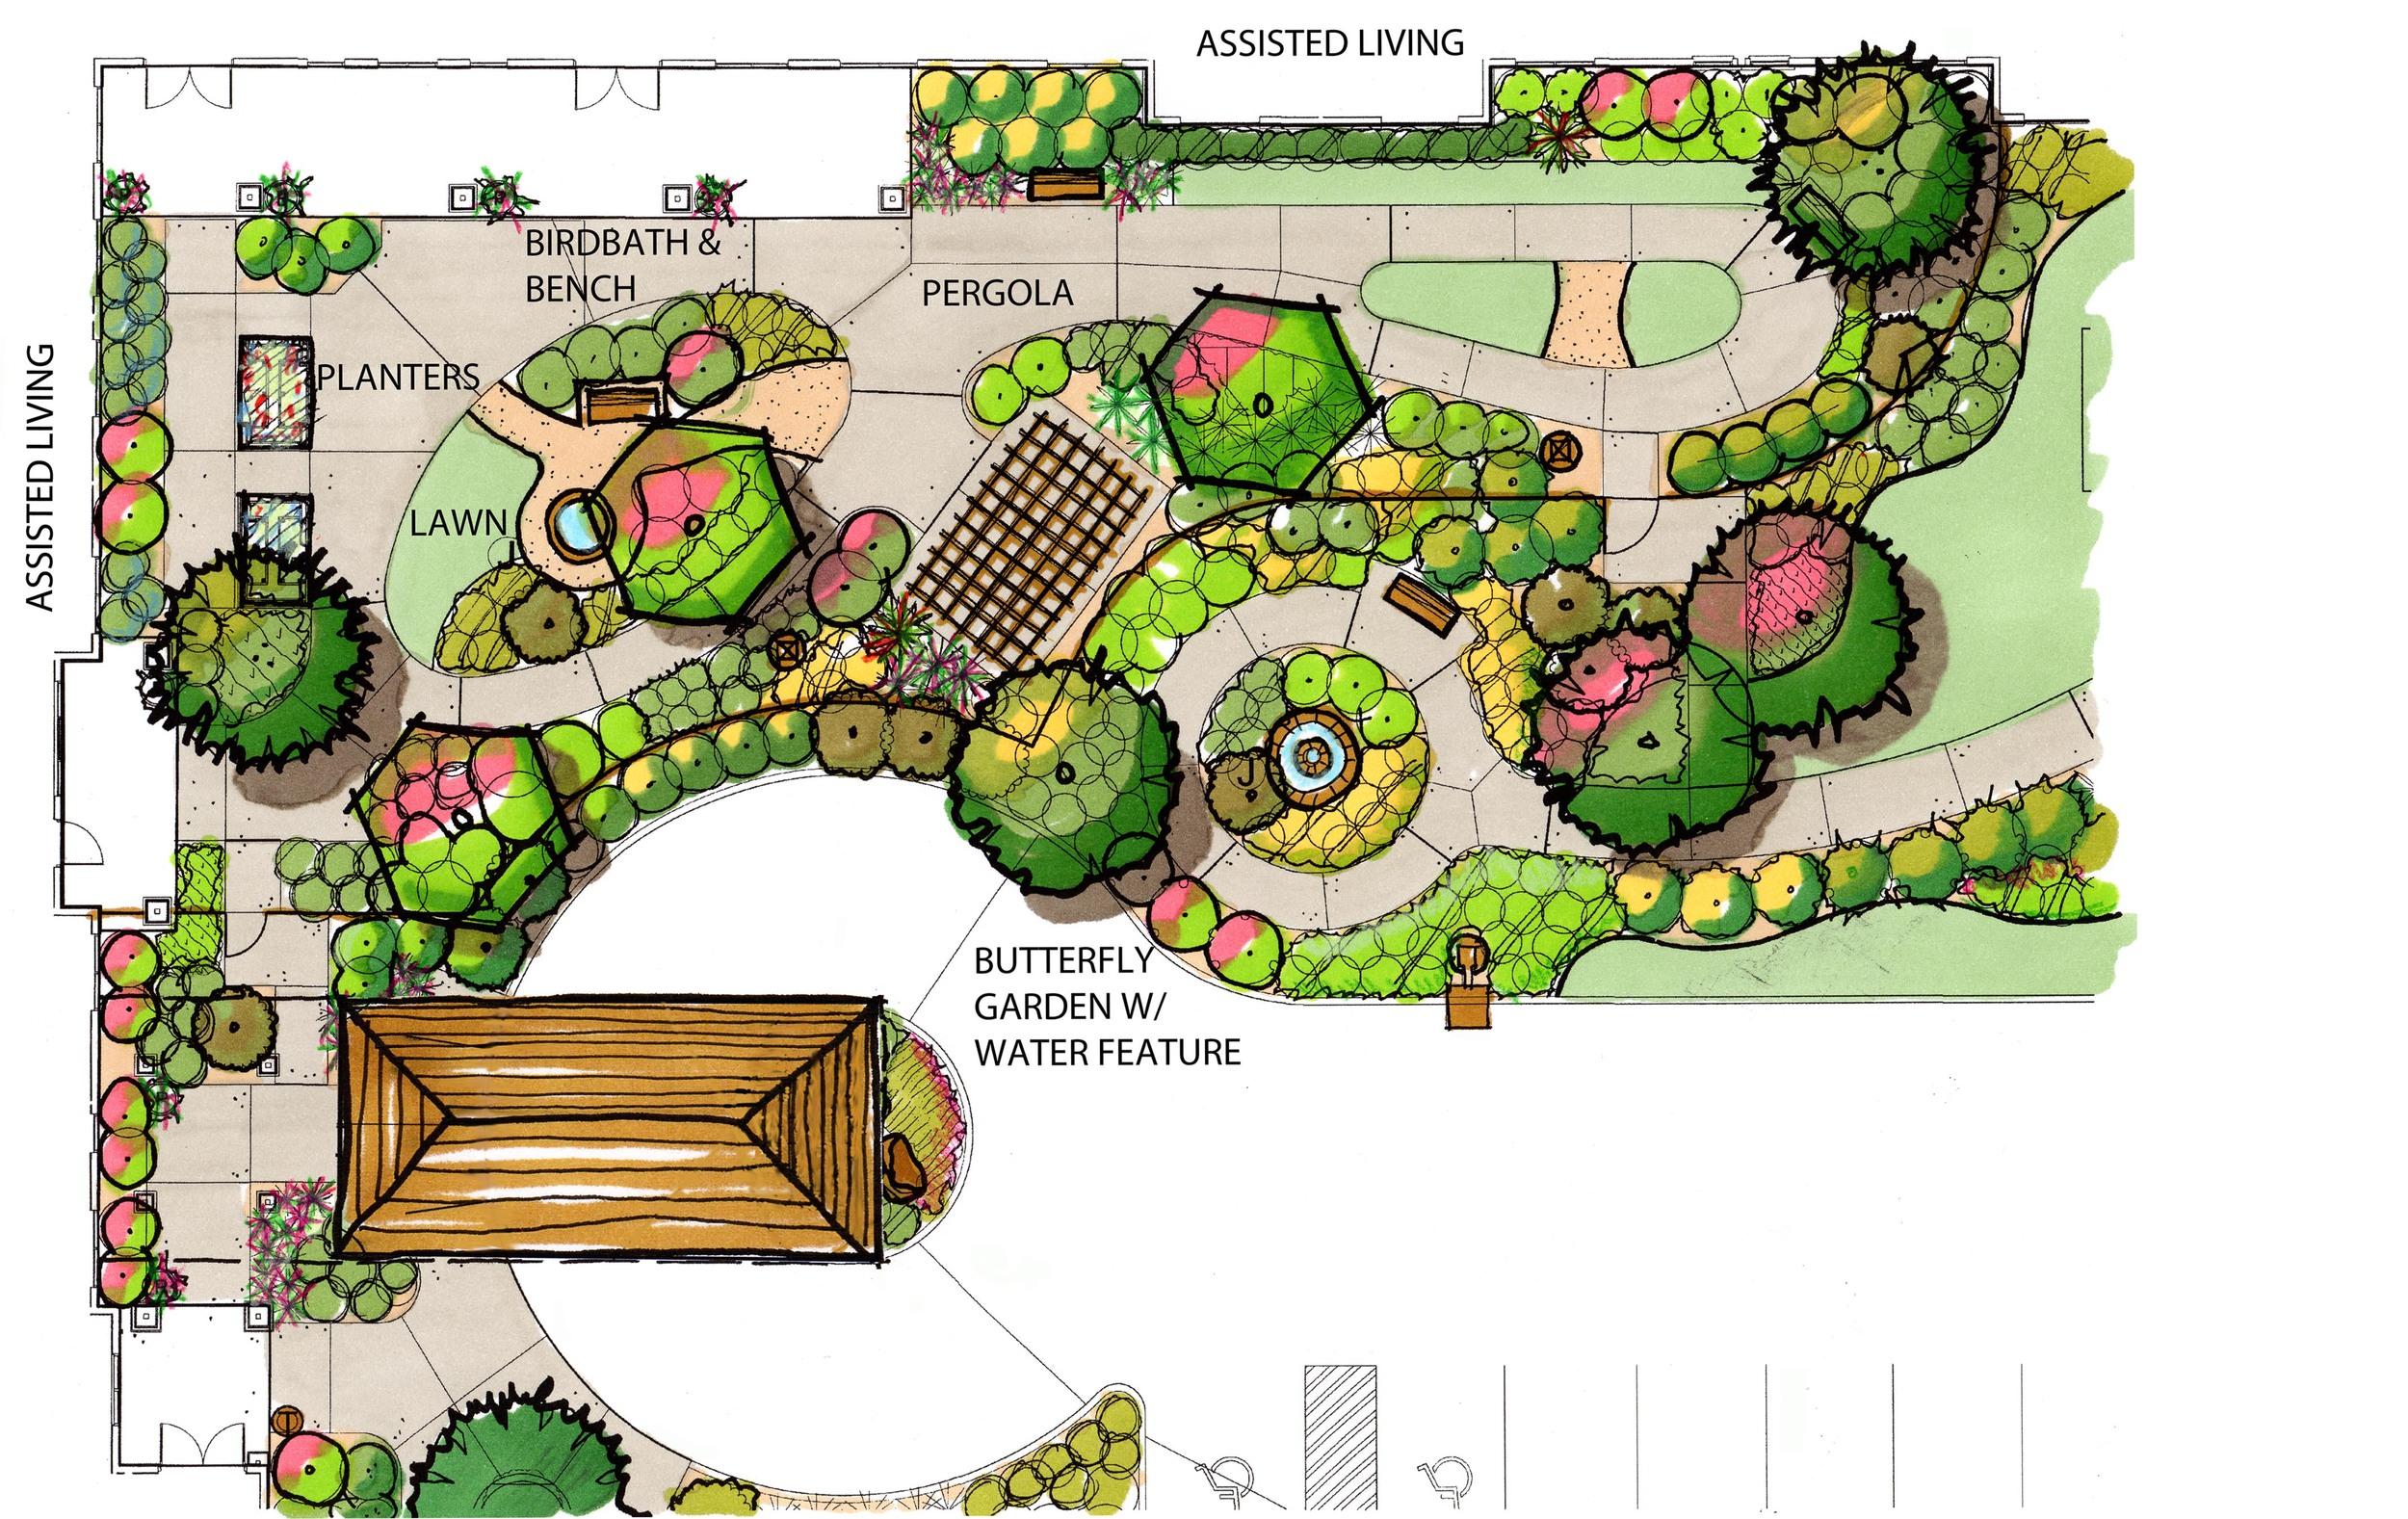 Butterfly garden at PVN